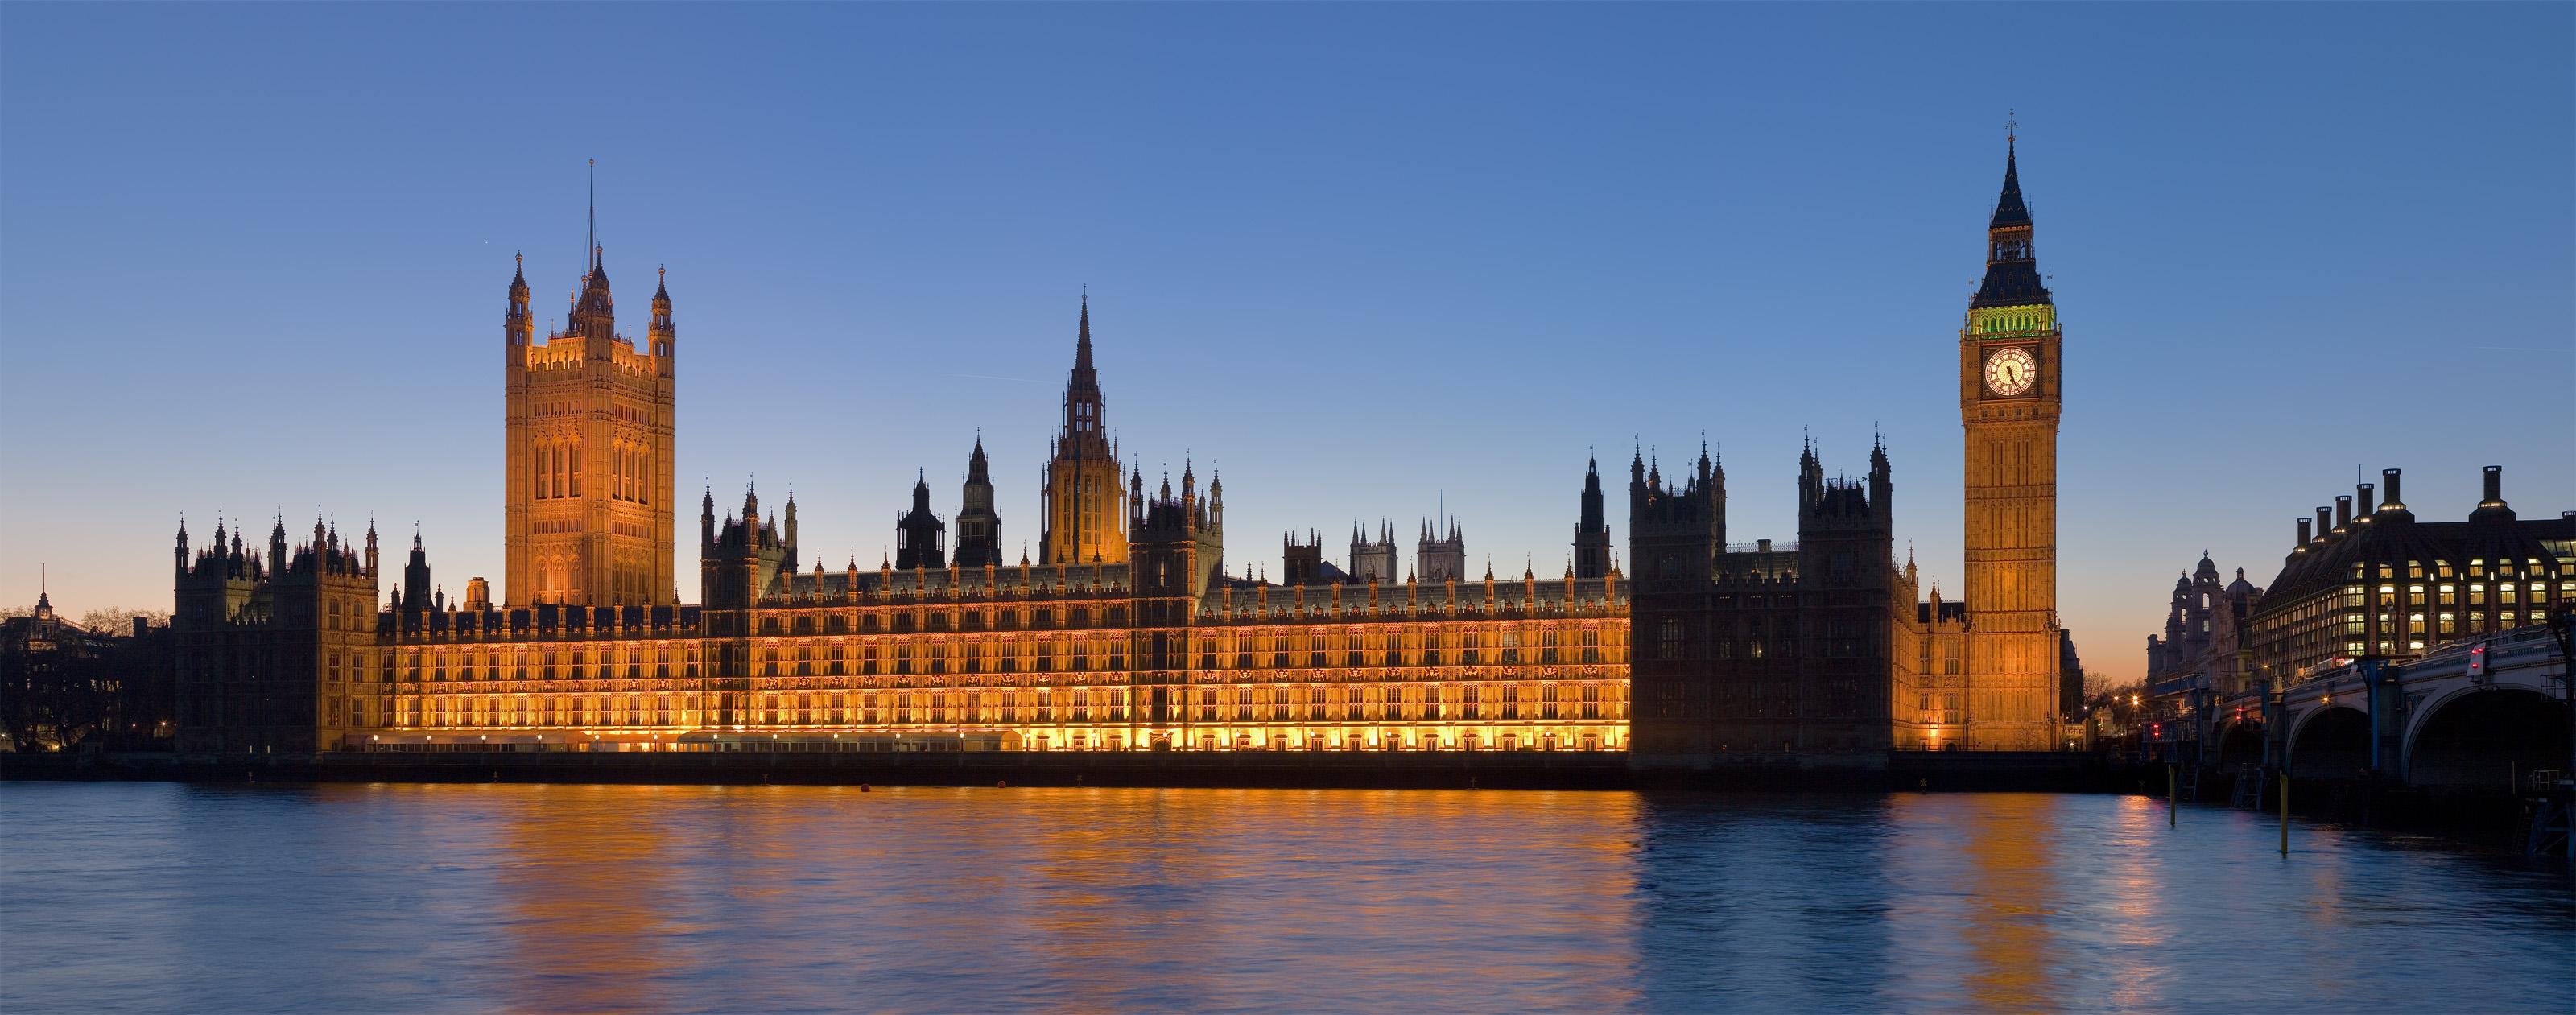 London Landmarks Quiz